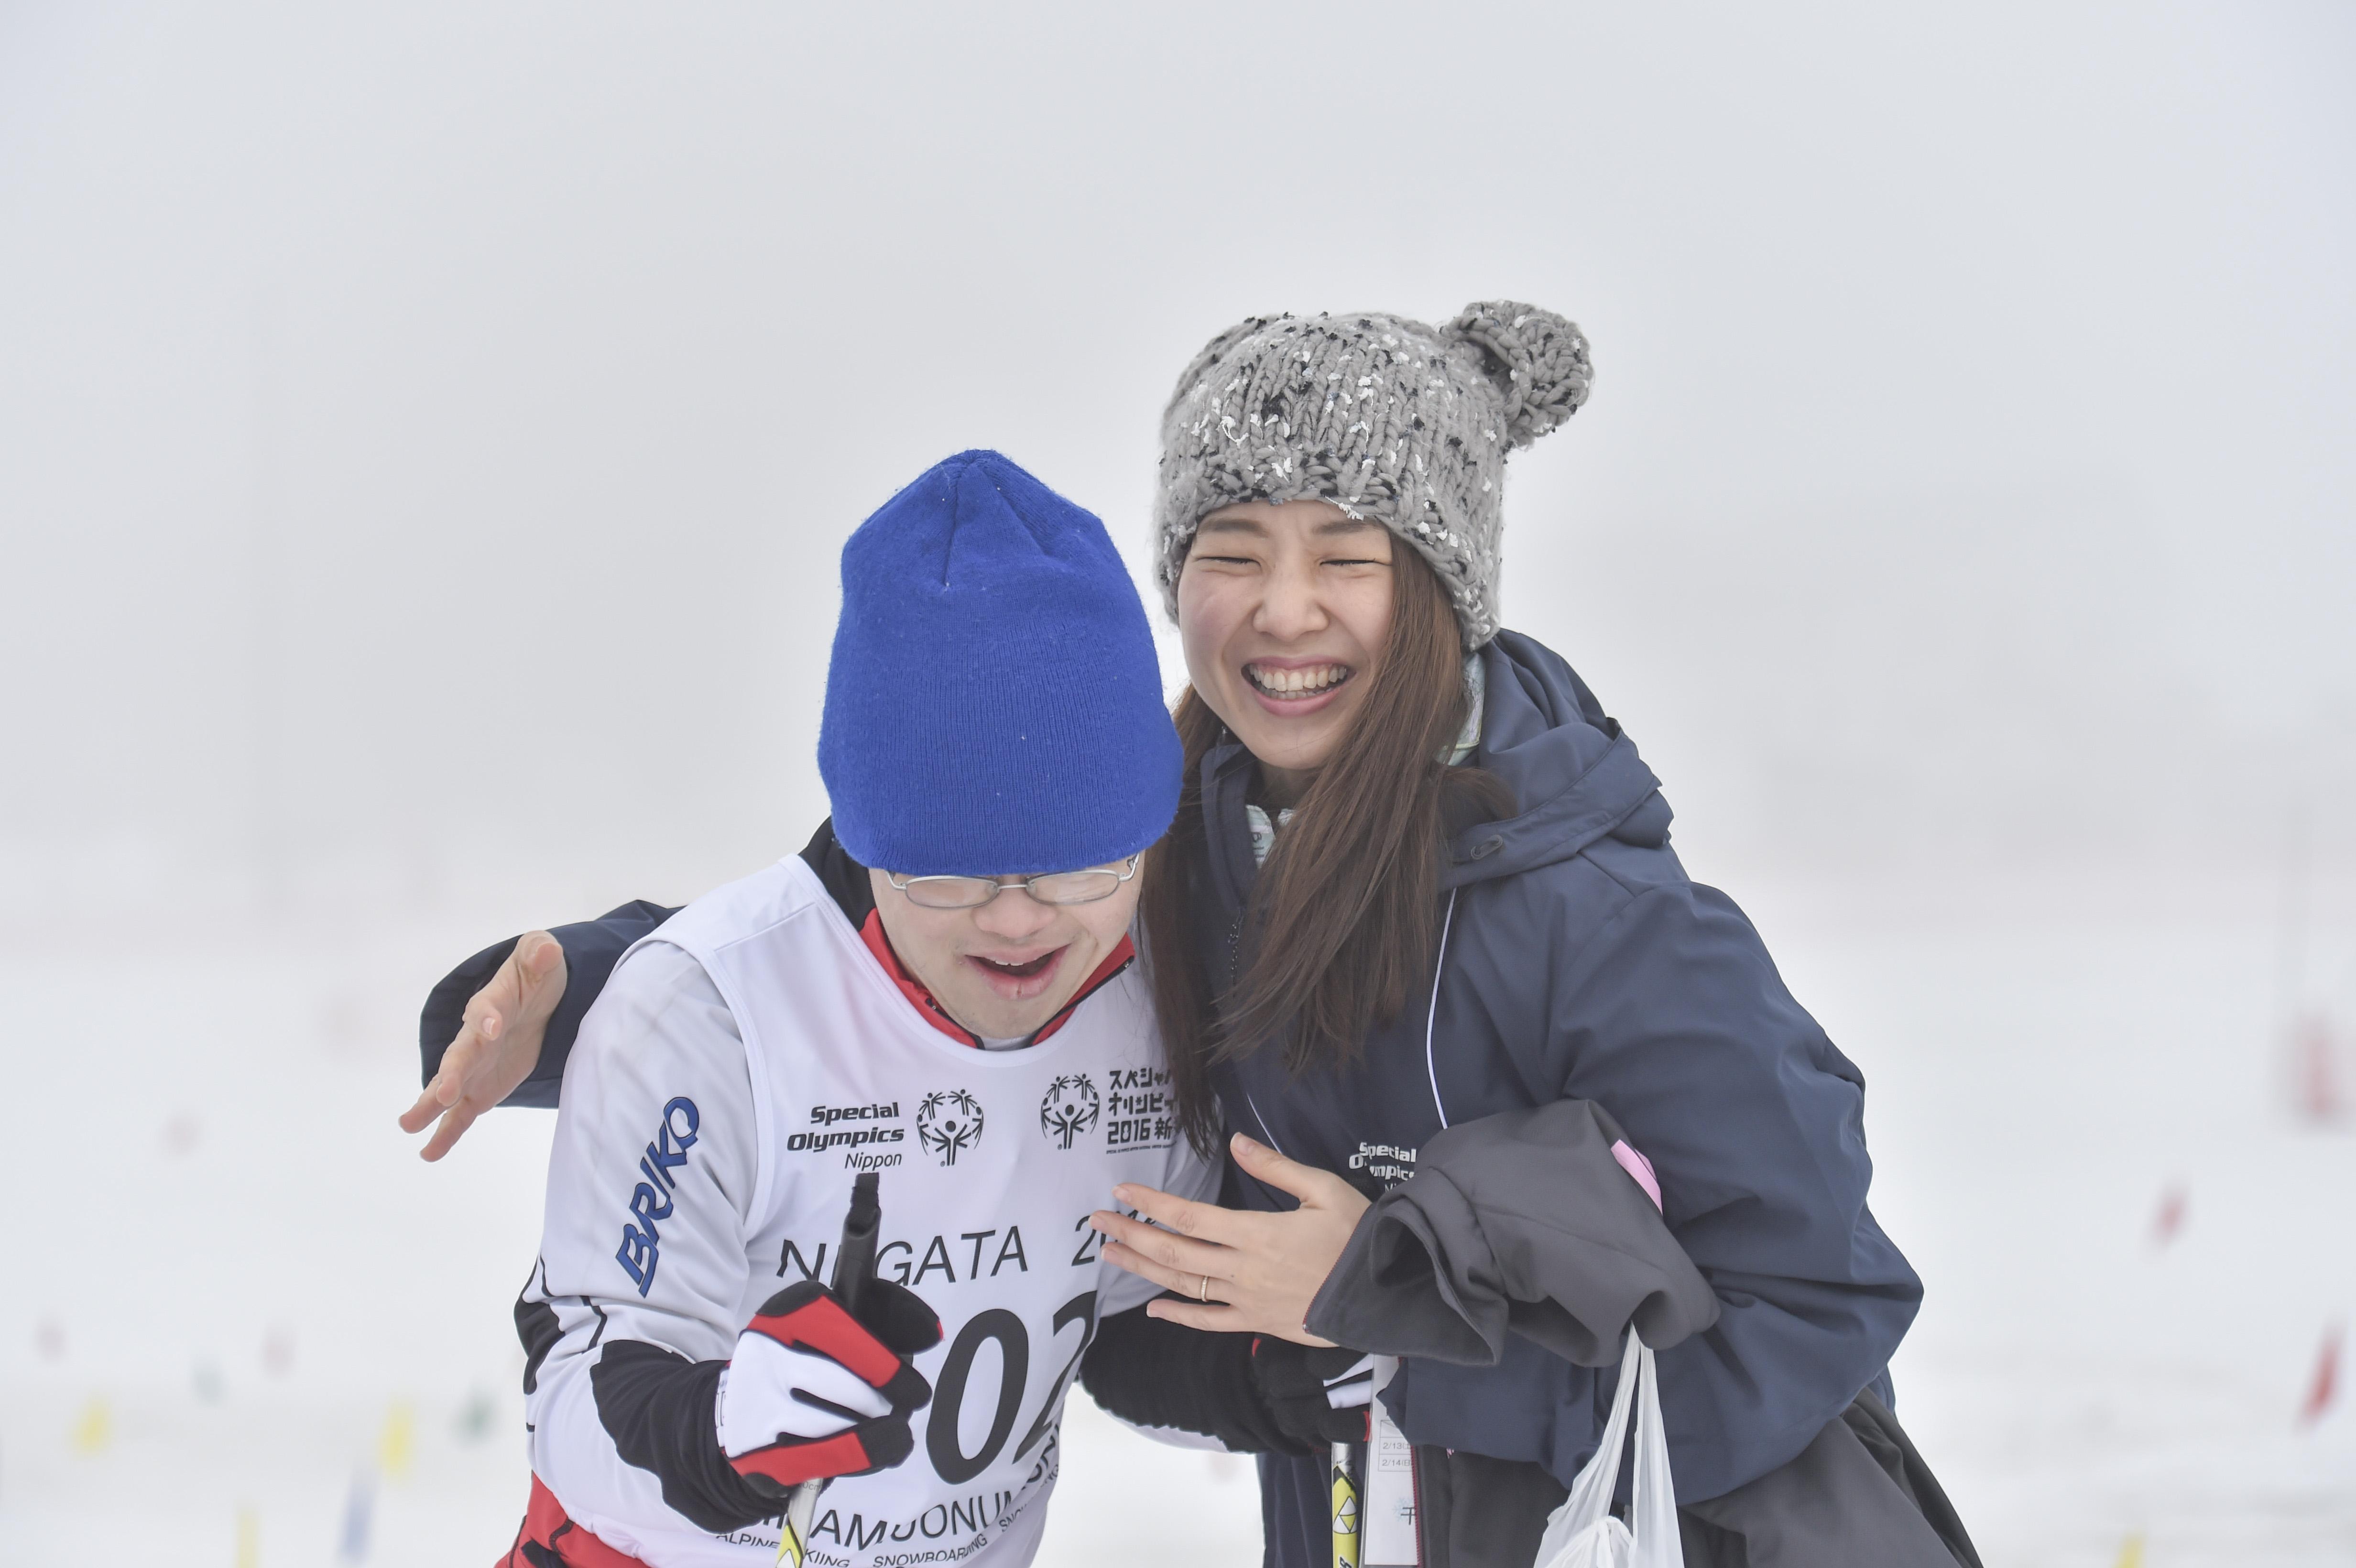 2020年第7回スペシャルオリンピックス日本 冬季ナショナルゲーム・北海道